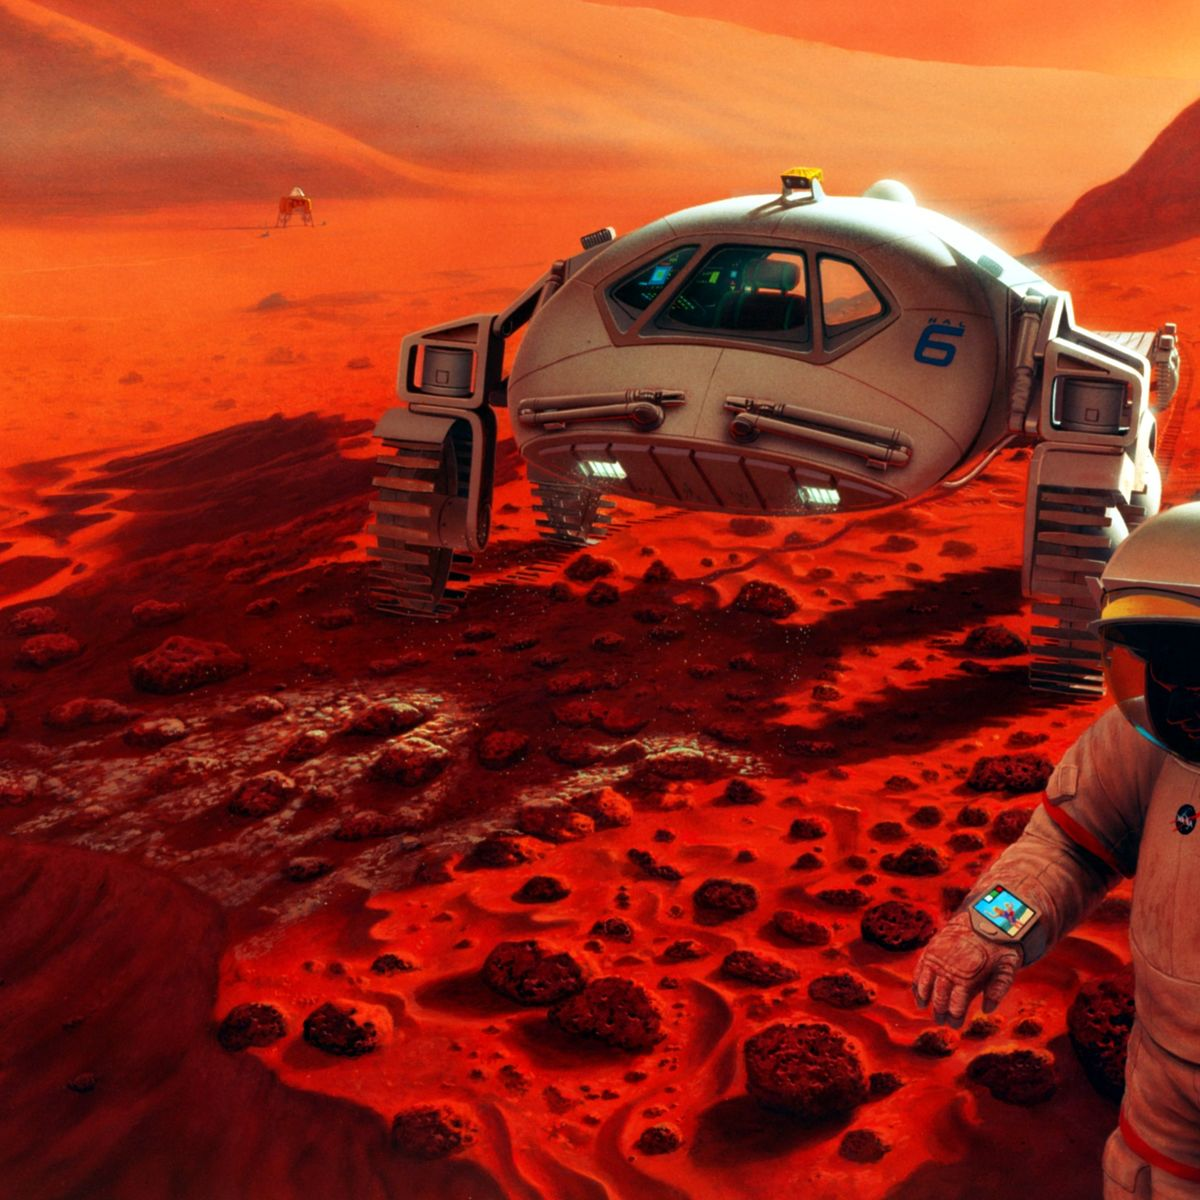 NASA image of humans on Mars